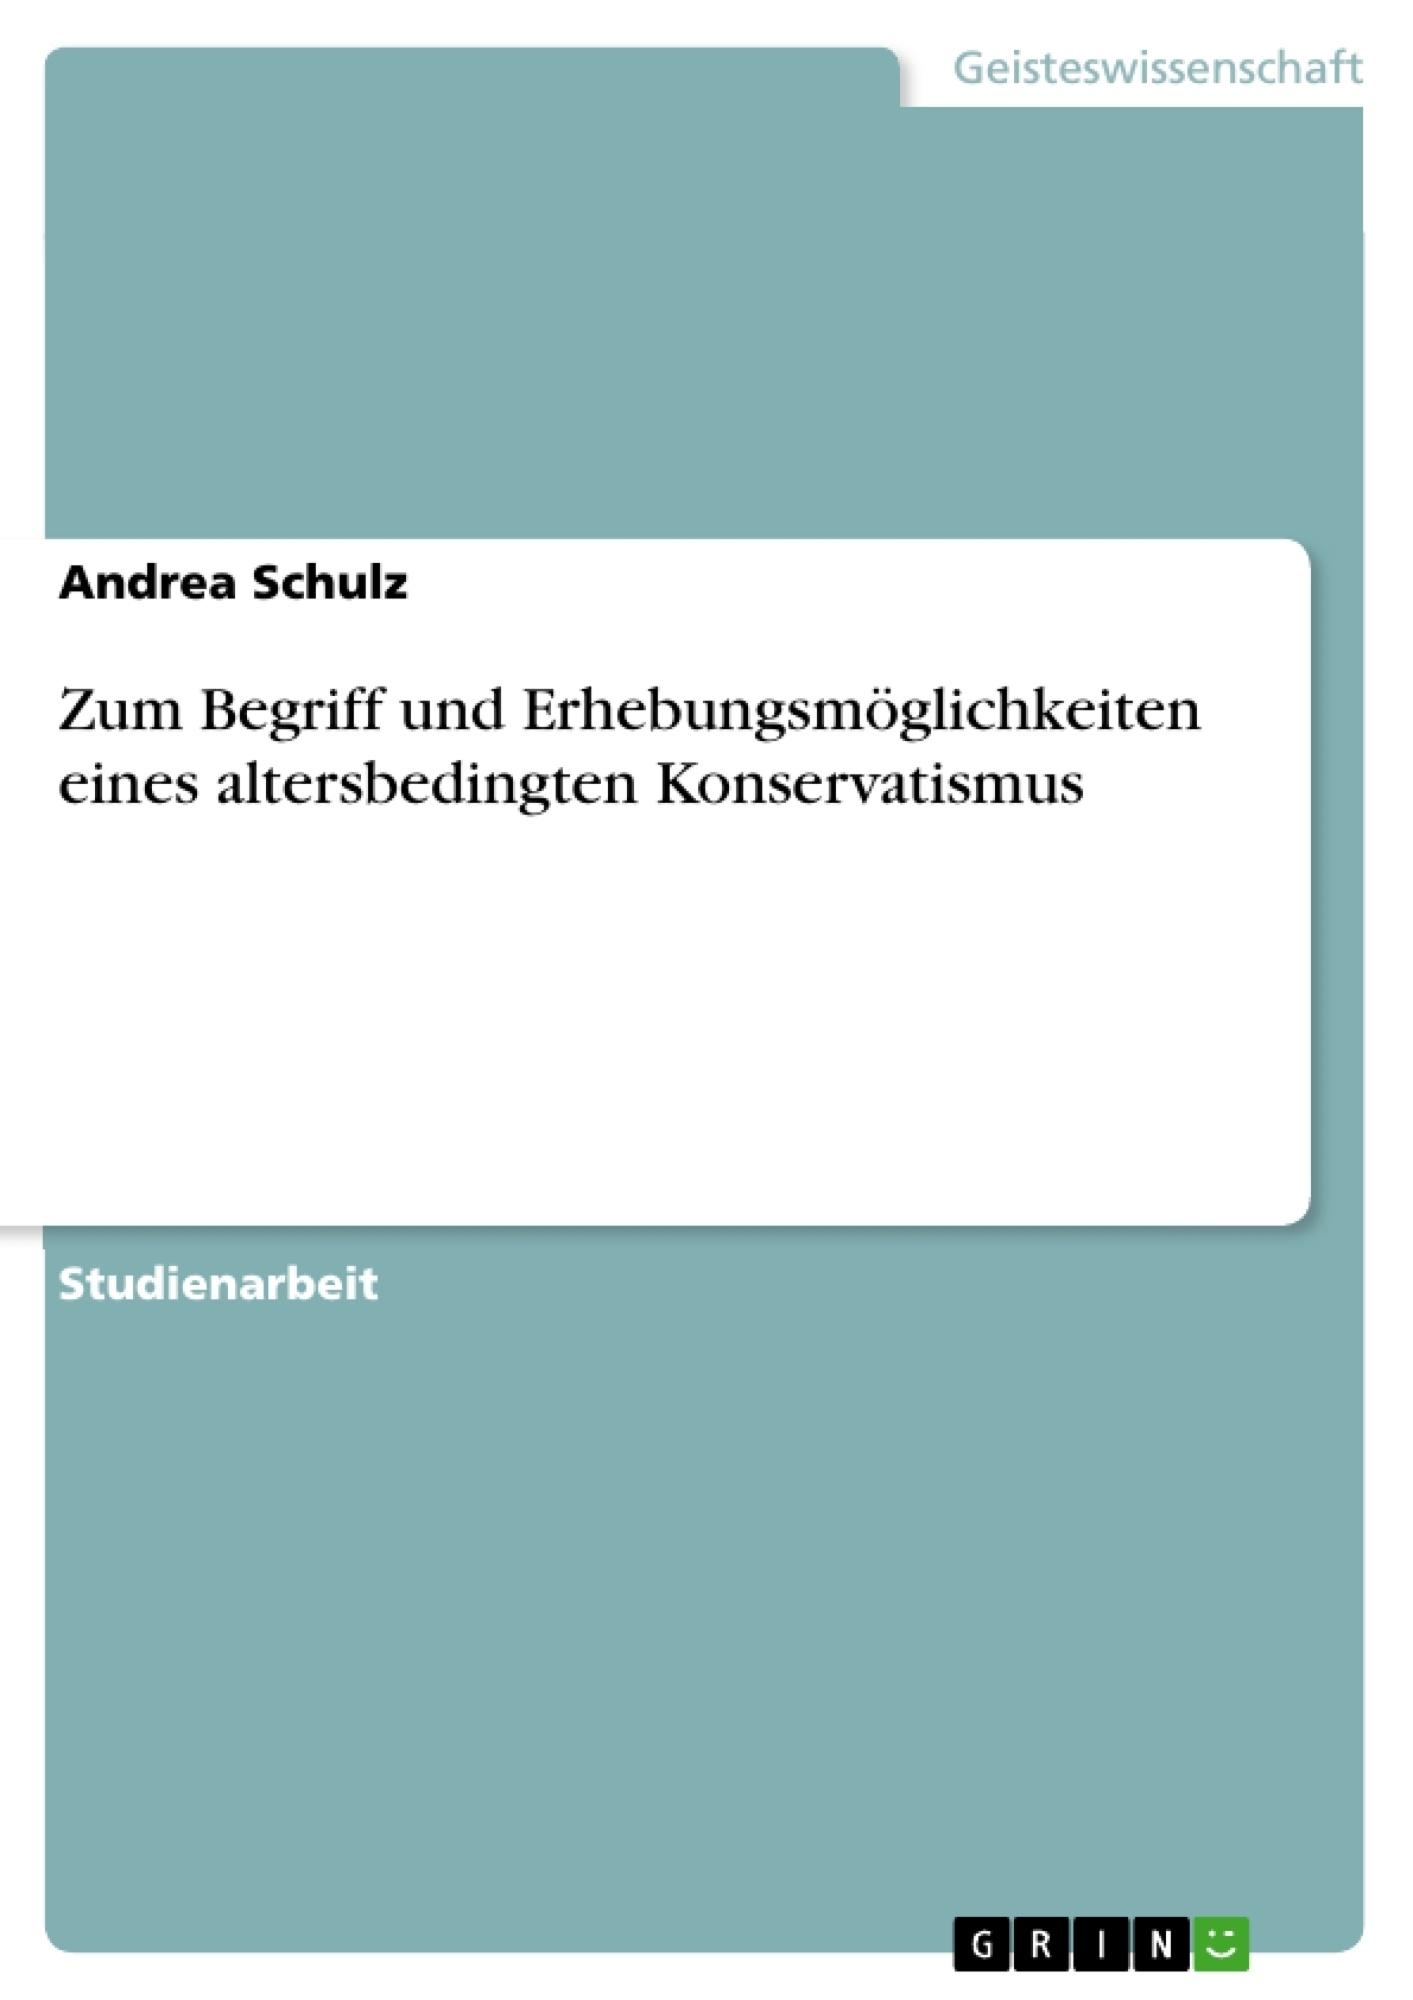 Titel: Zum Begriff und Erhebungsmöglichkeiten eines altersbedingten Konservatismus